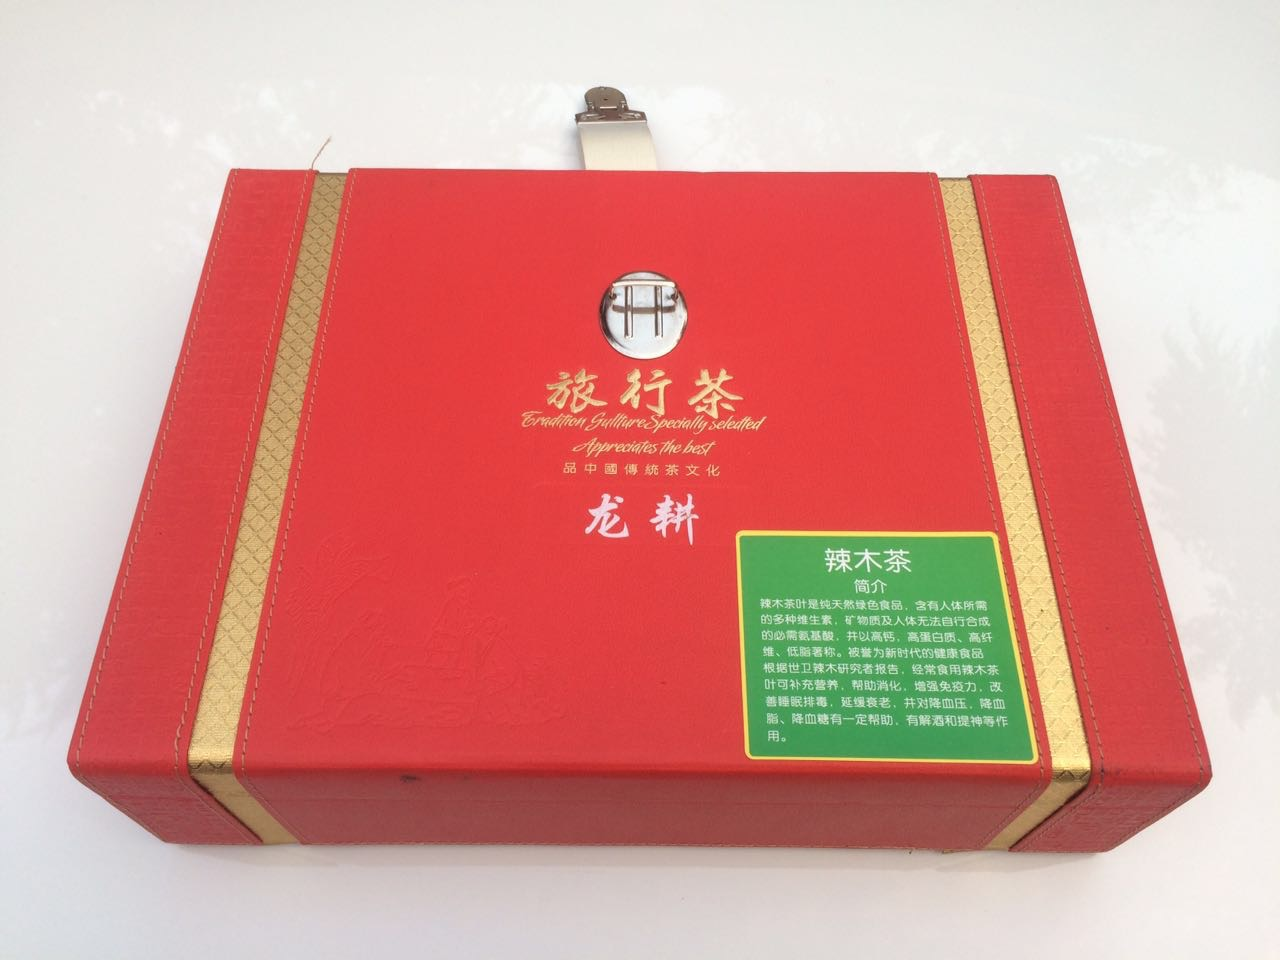 辣木茶|辣木茶-金港生态农业有限公司